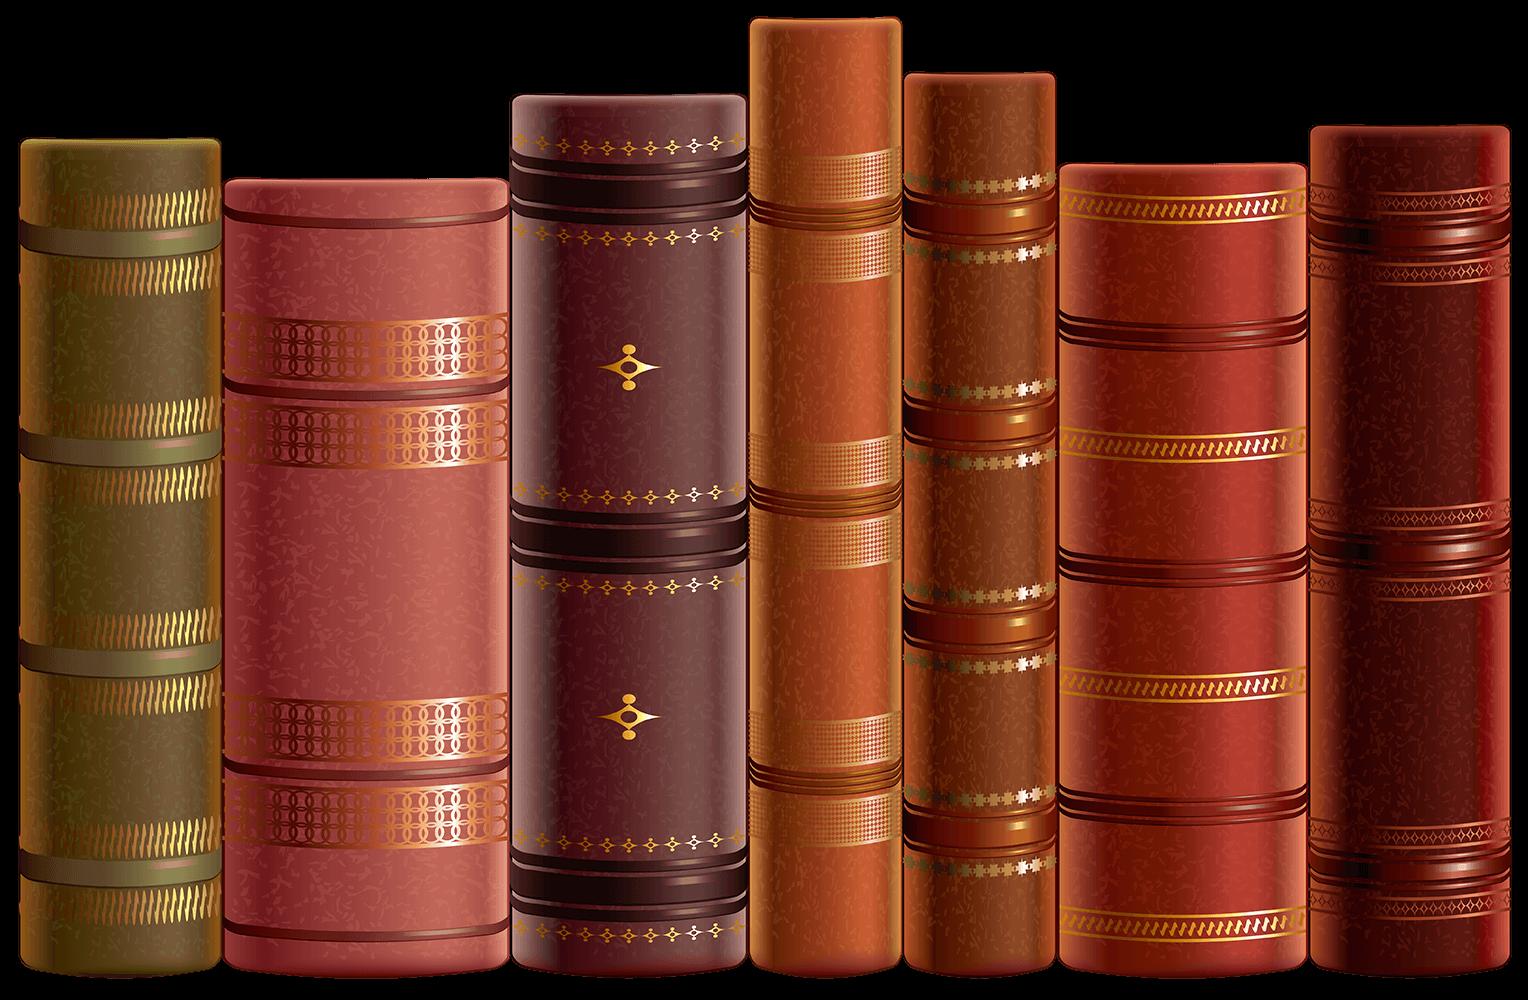 Книги на прозрачном фоне - книга